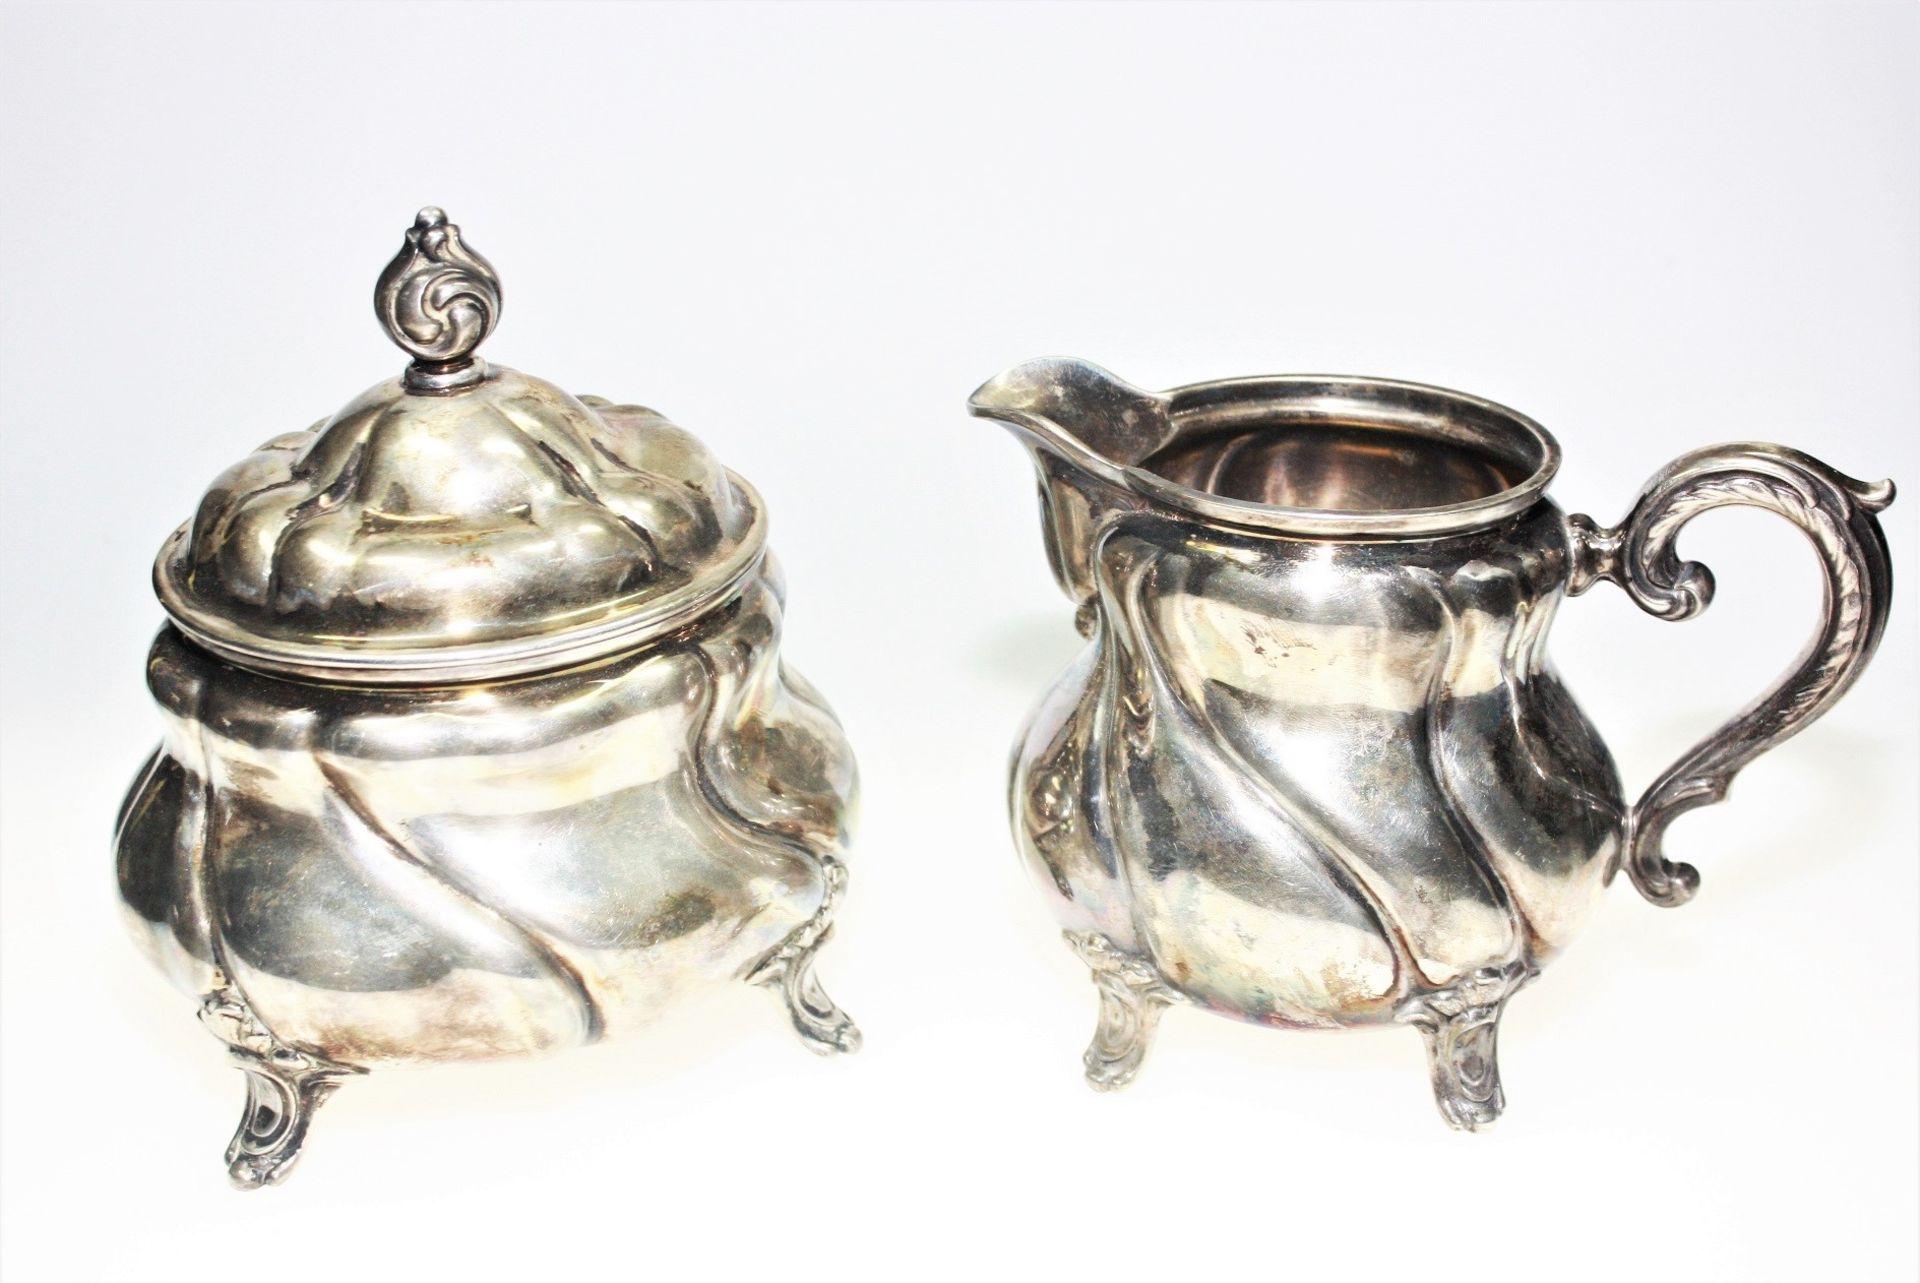 Tafelsilber 830/f gest.: 1 Milchkännchen, ca. 10 cm hoch, ca. 213,2 g 1 Zuckerdose mit Deckel, ca.